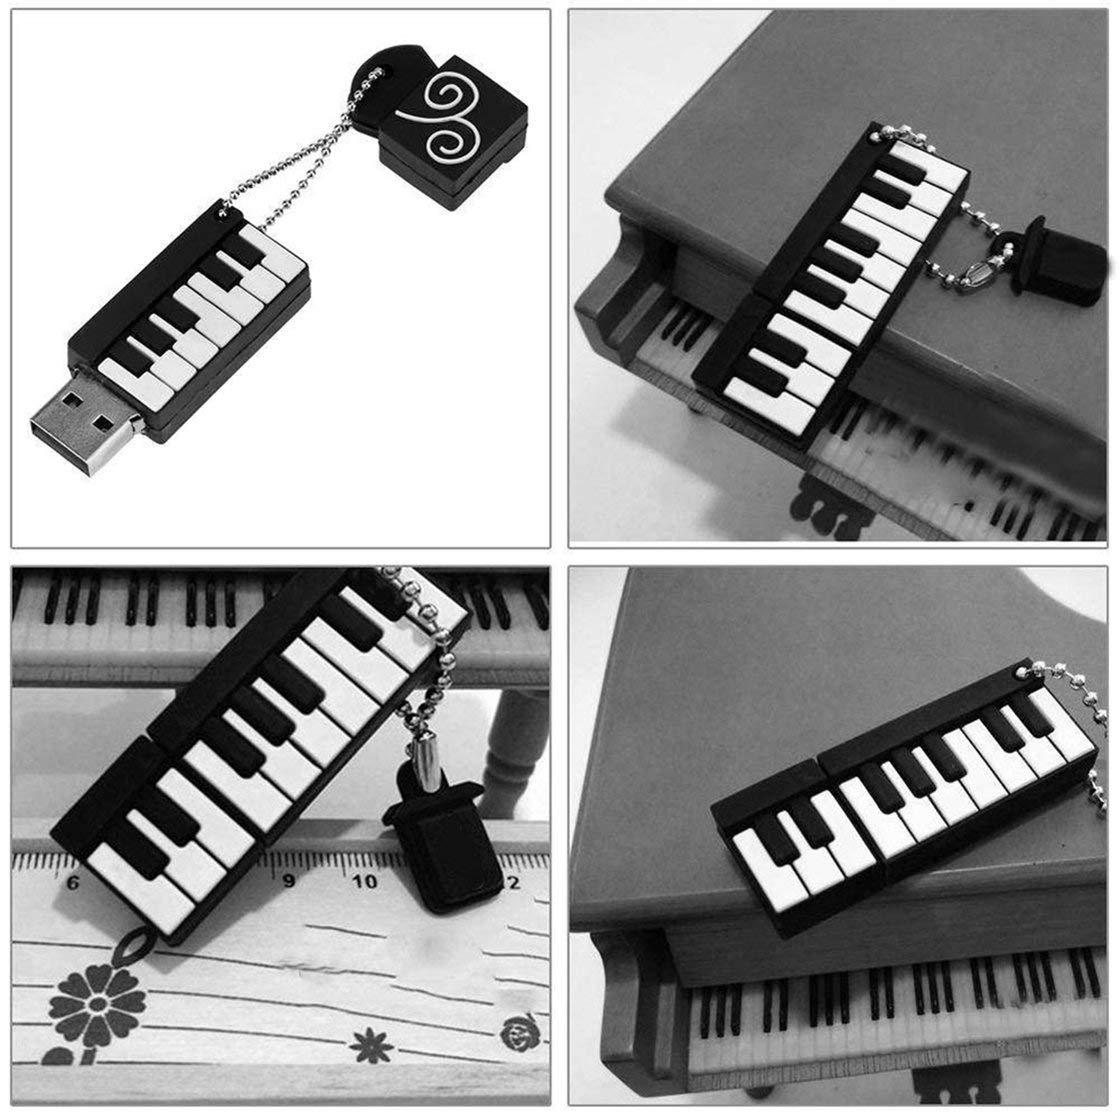 Teclado de Piano de Dibujos Animados USB Stick Instrumentos Musicales Modelo Flash Drive 8 GB 16 GB 32 GB 64 GB Creative Pen Drive con Llavero: Amazon.es: ...